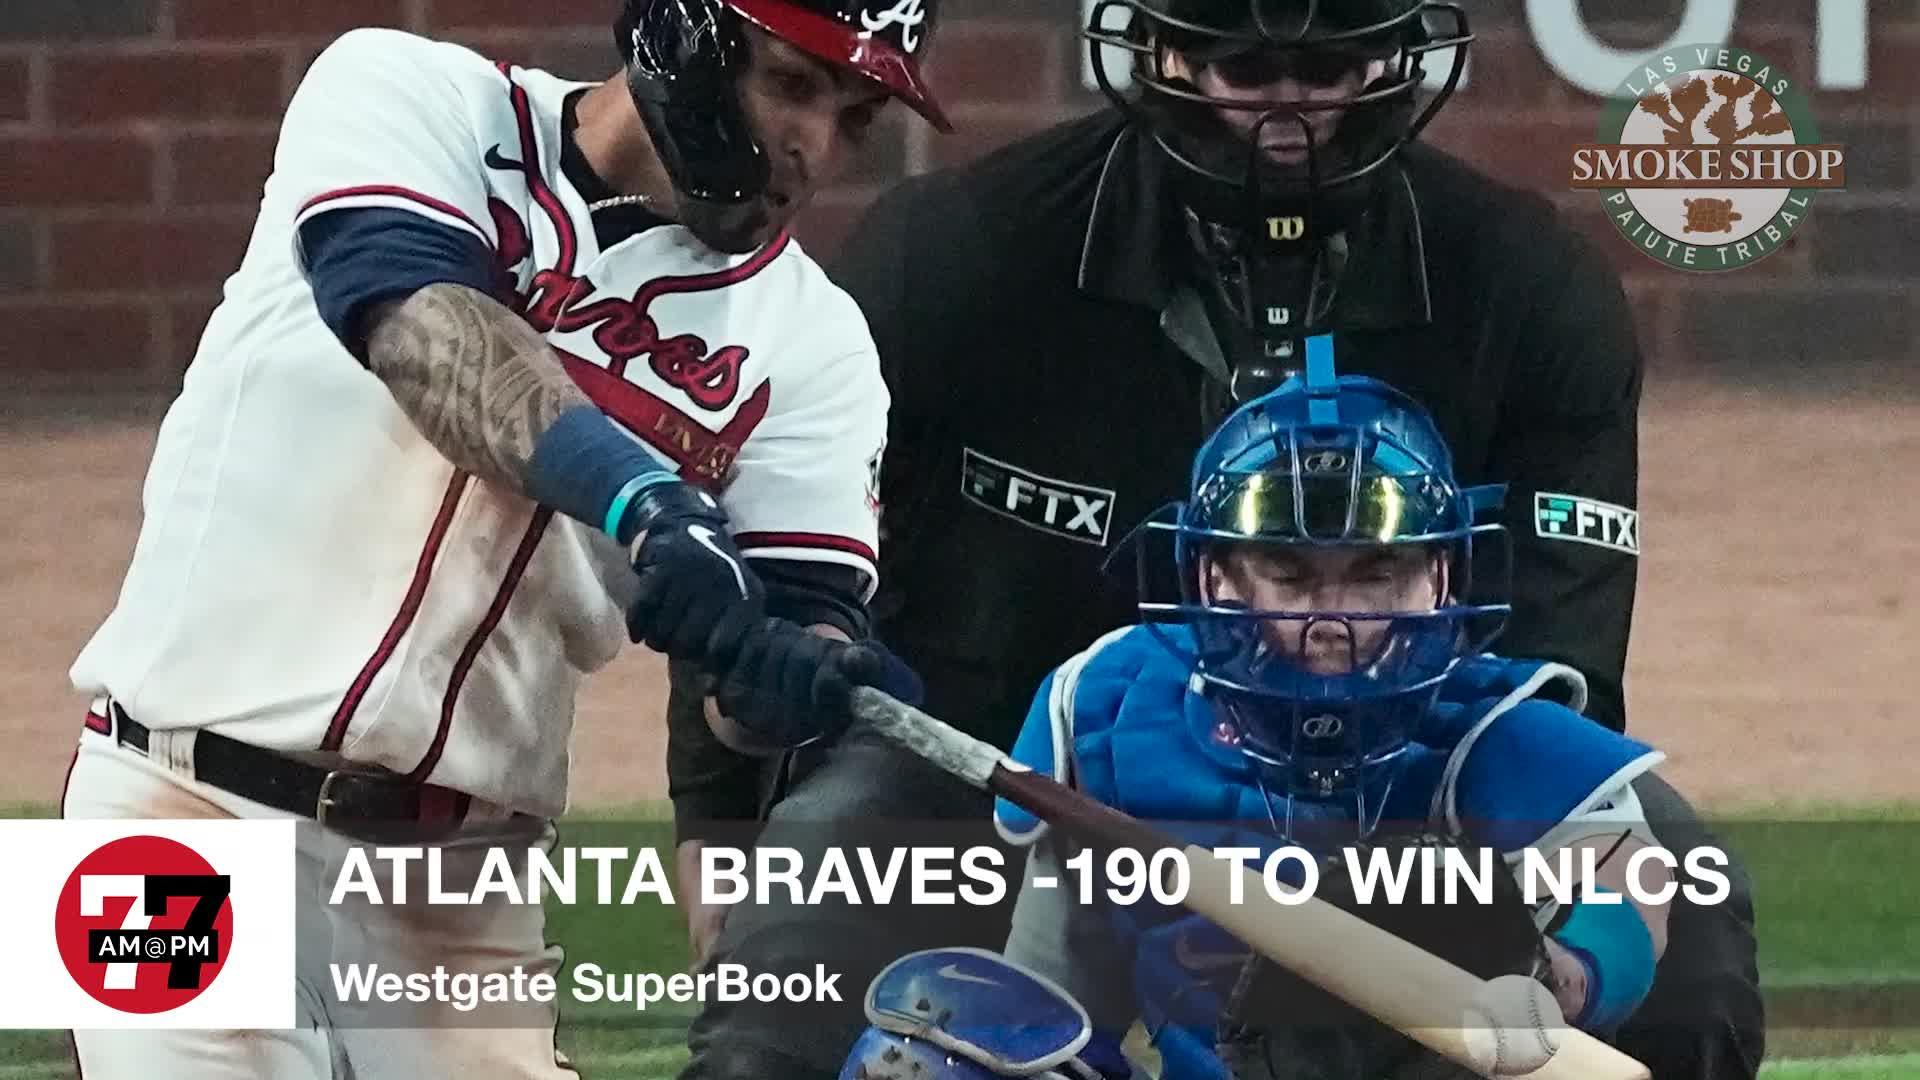 7@7PM Atlanta Braves -190 to Win NLCS